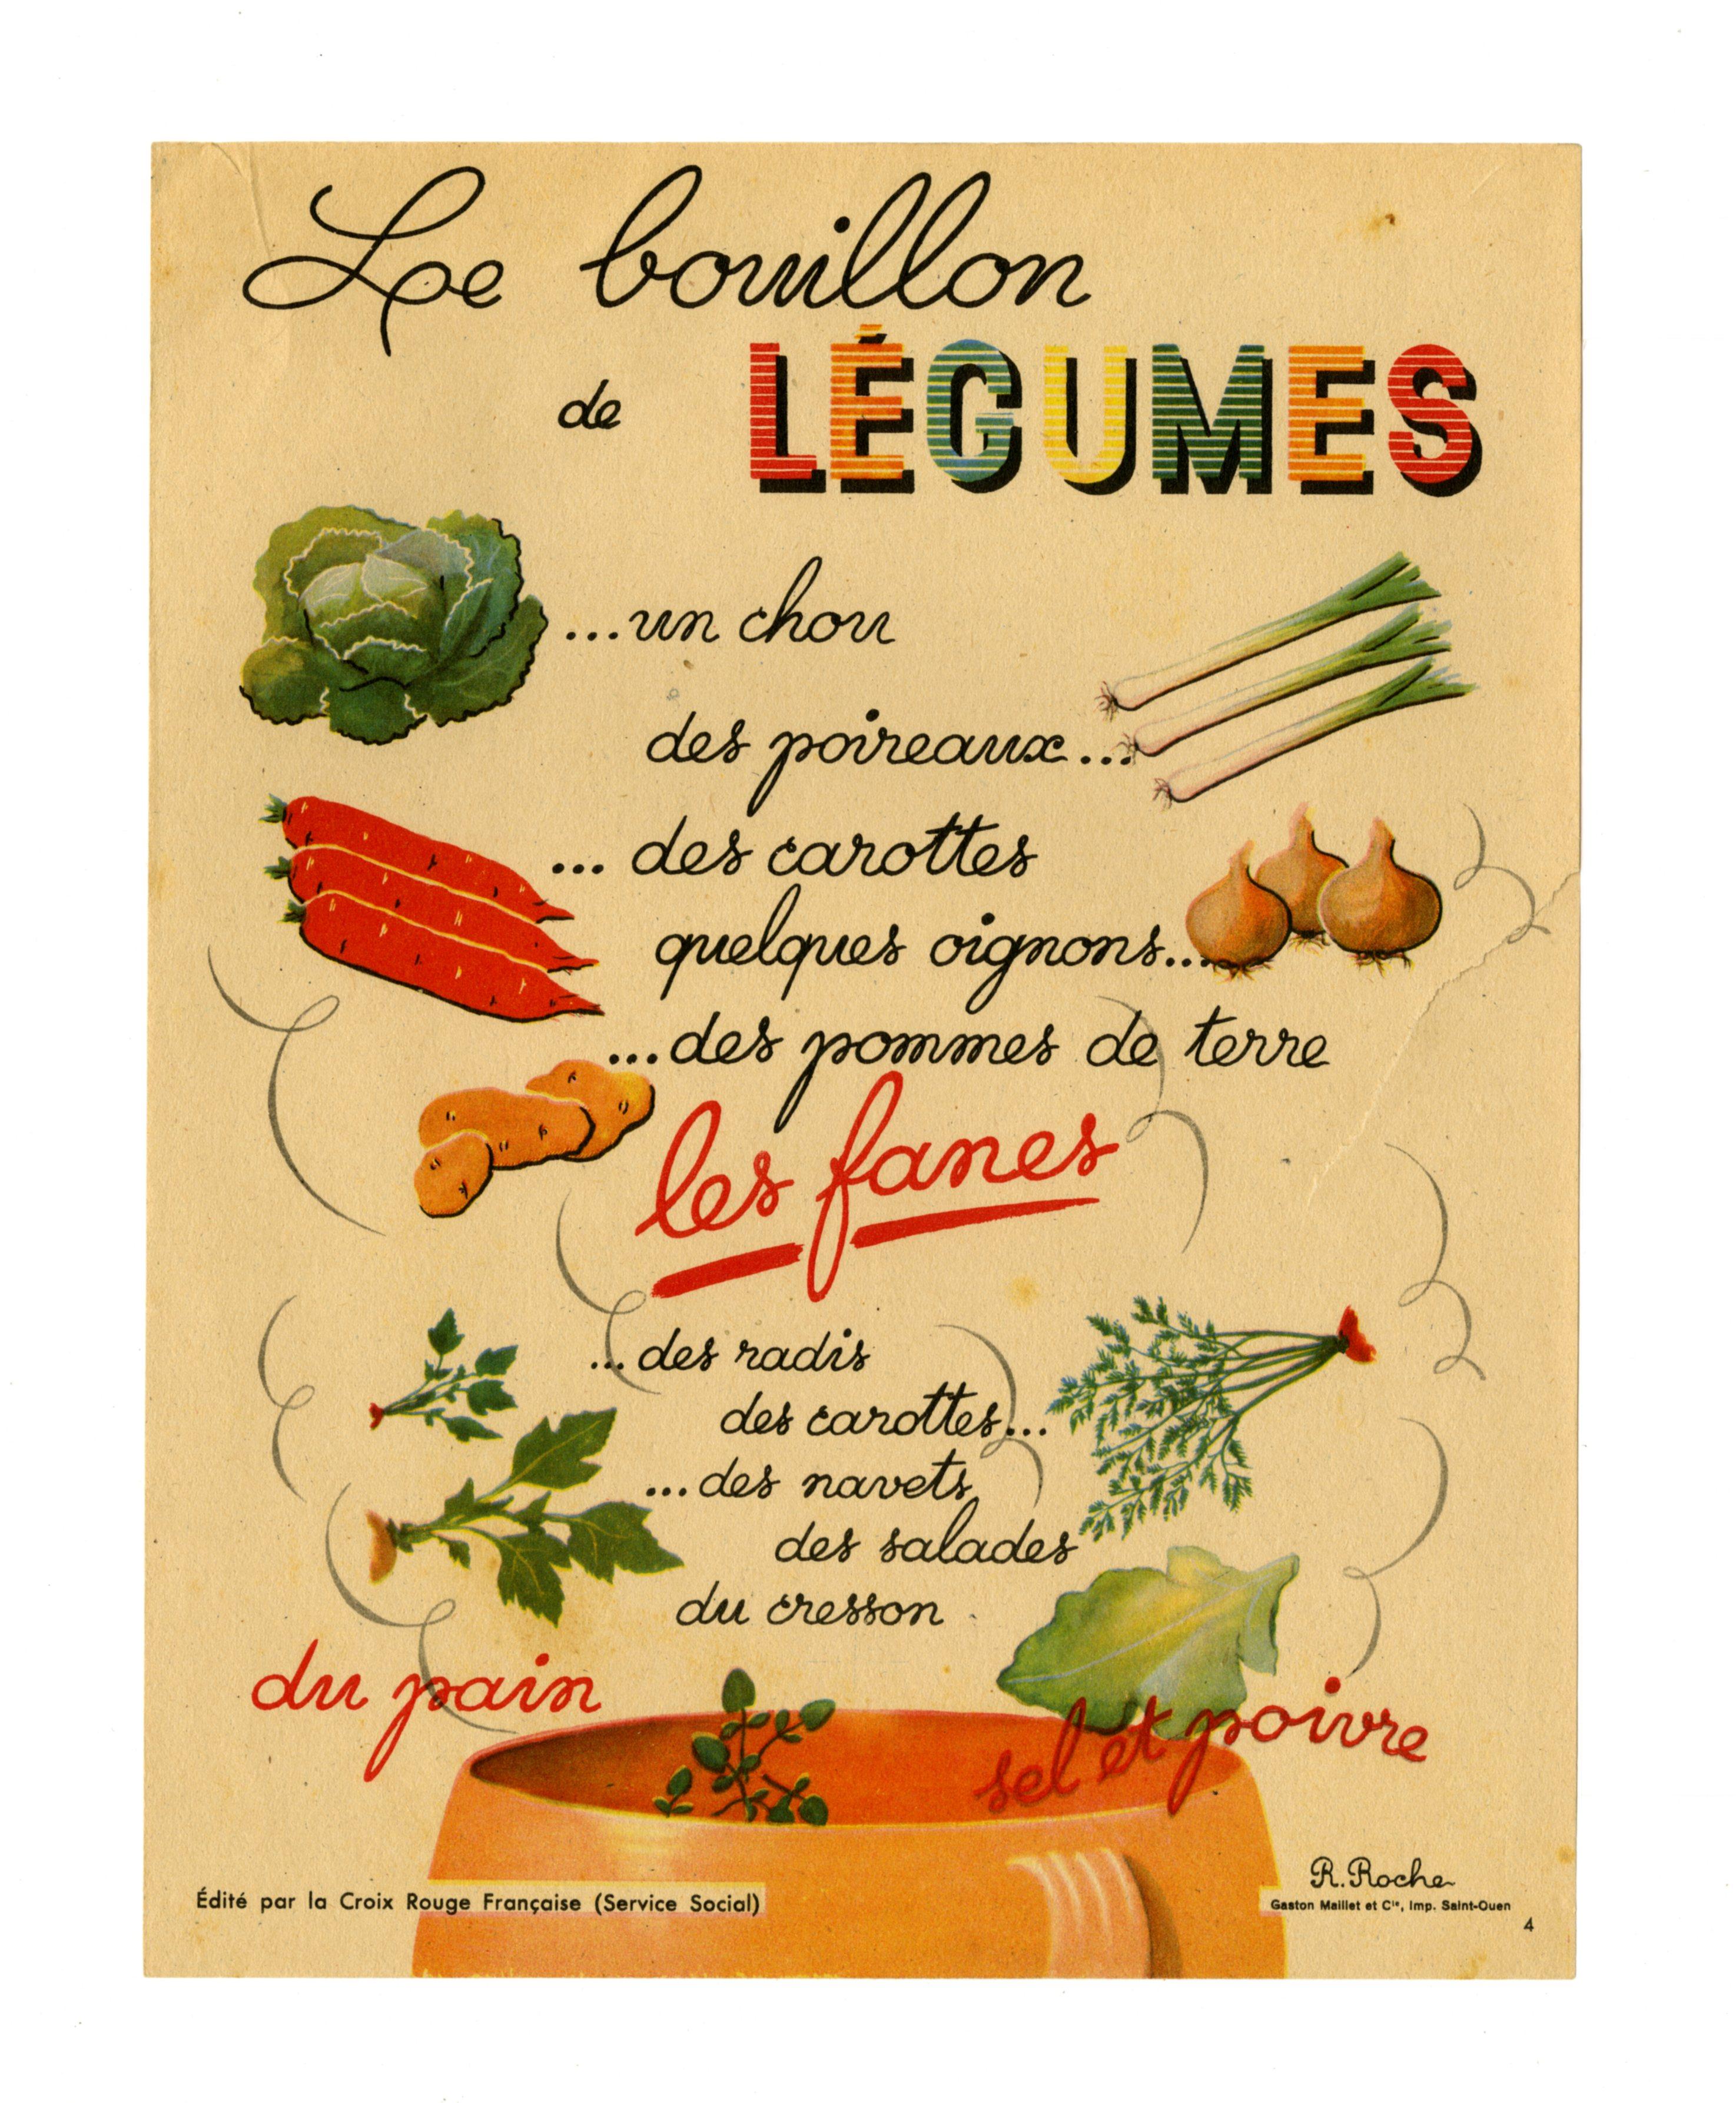 Affiche Bouillon